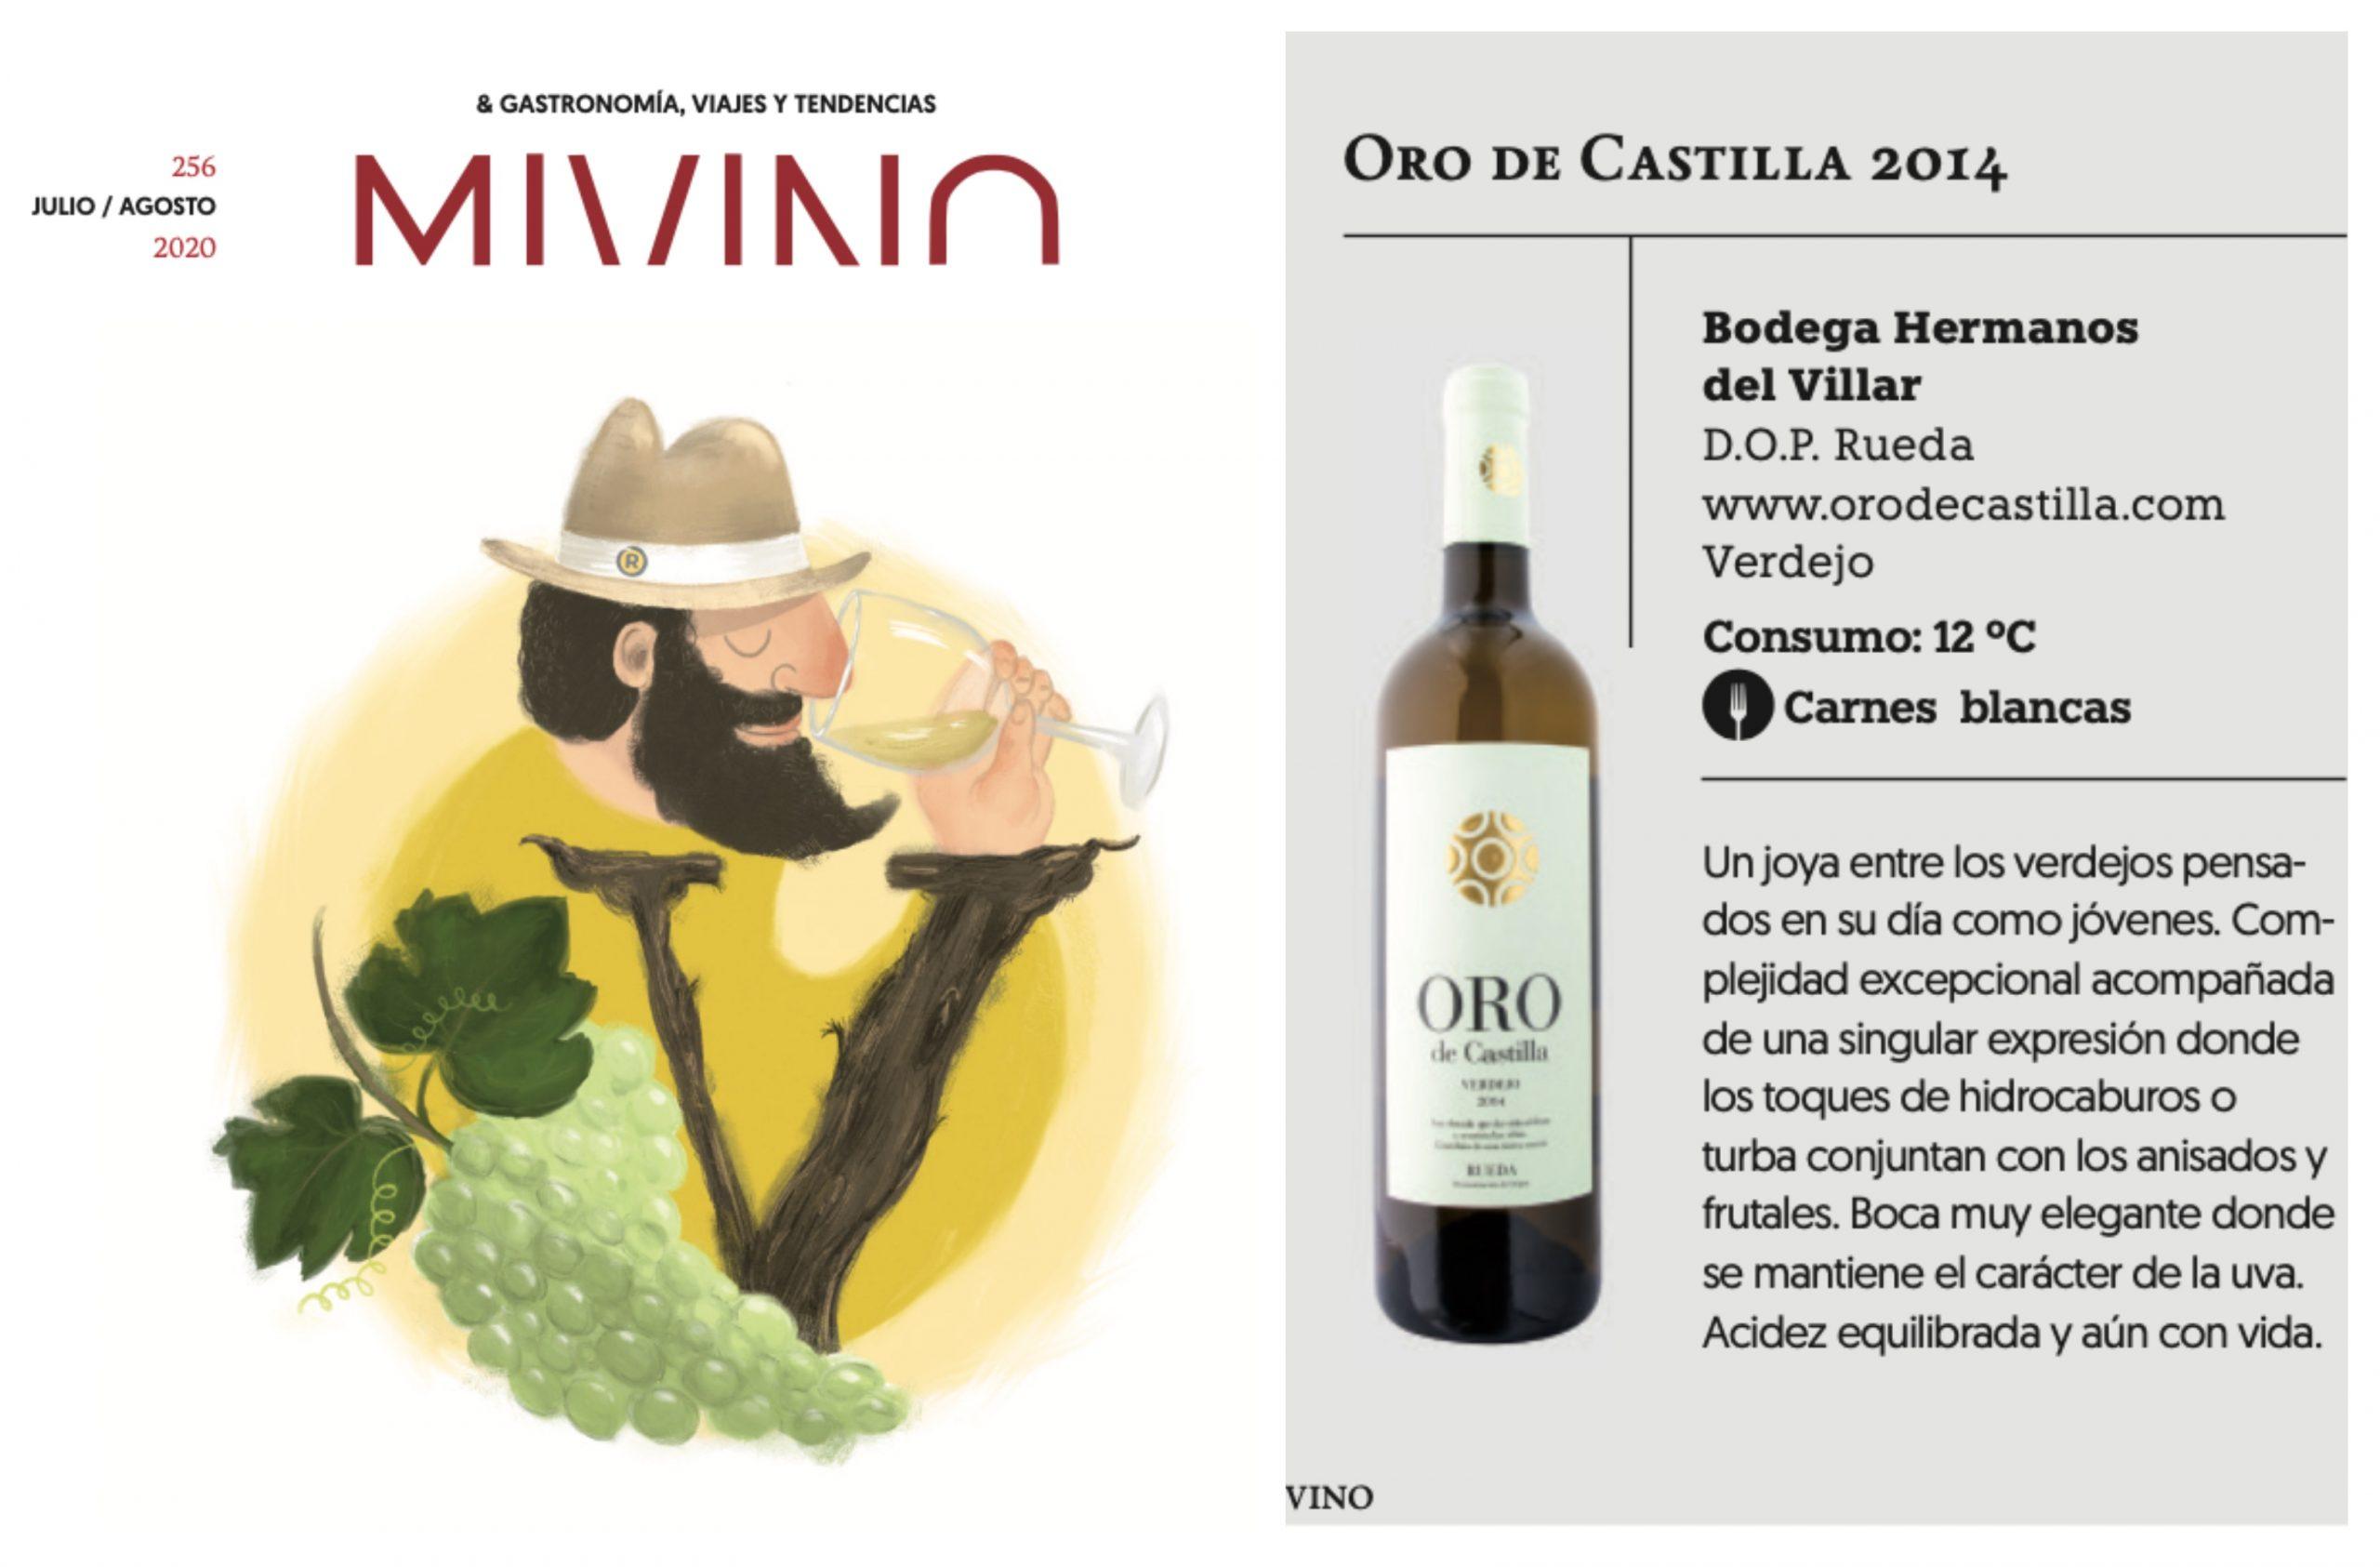 MiVino destaca la capacidad de envejecimiento de Oro de Castilla Verdejo